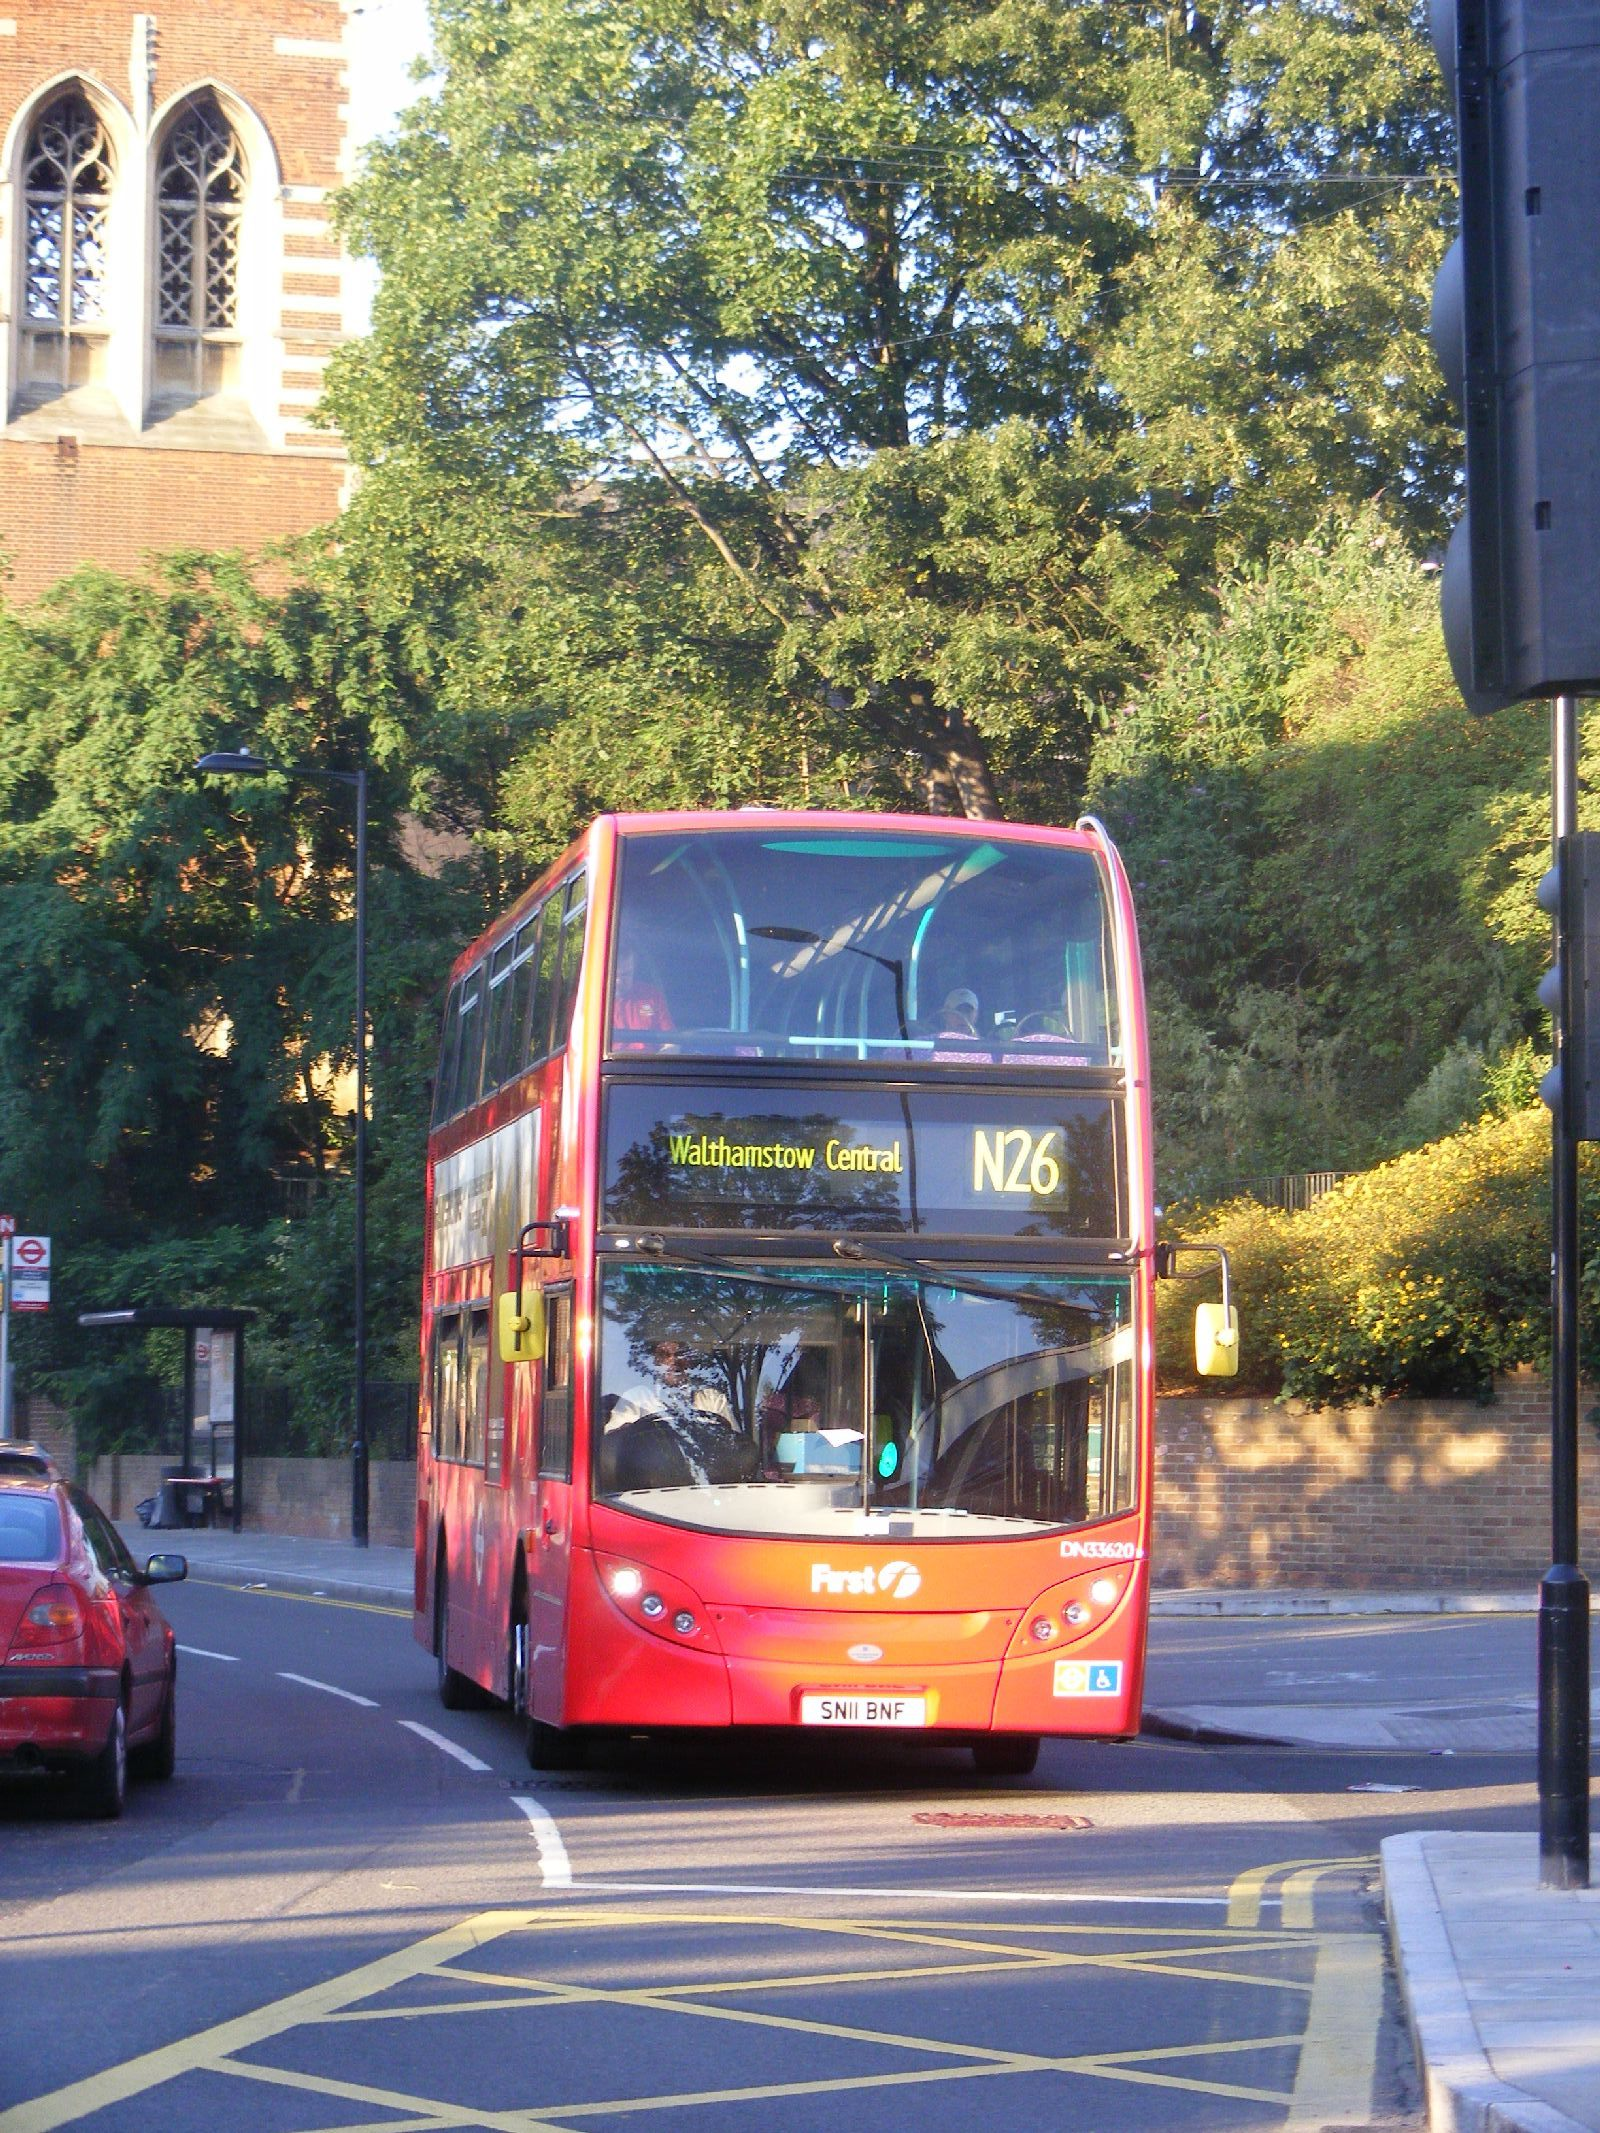 Lit Combiné 2 Couchages Élégant List Of Night Buses In London